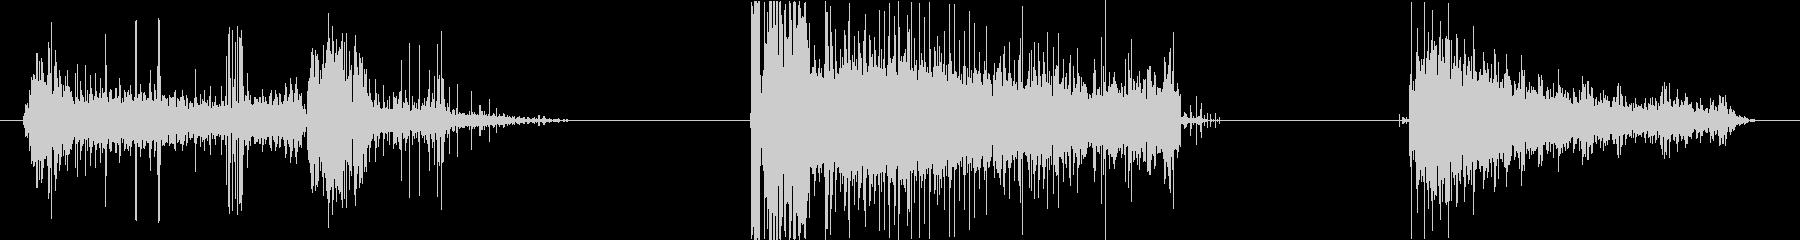 トランジション 擦れる音 12 の未再生の波形